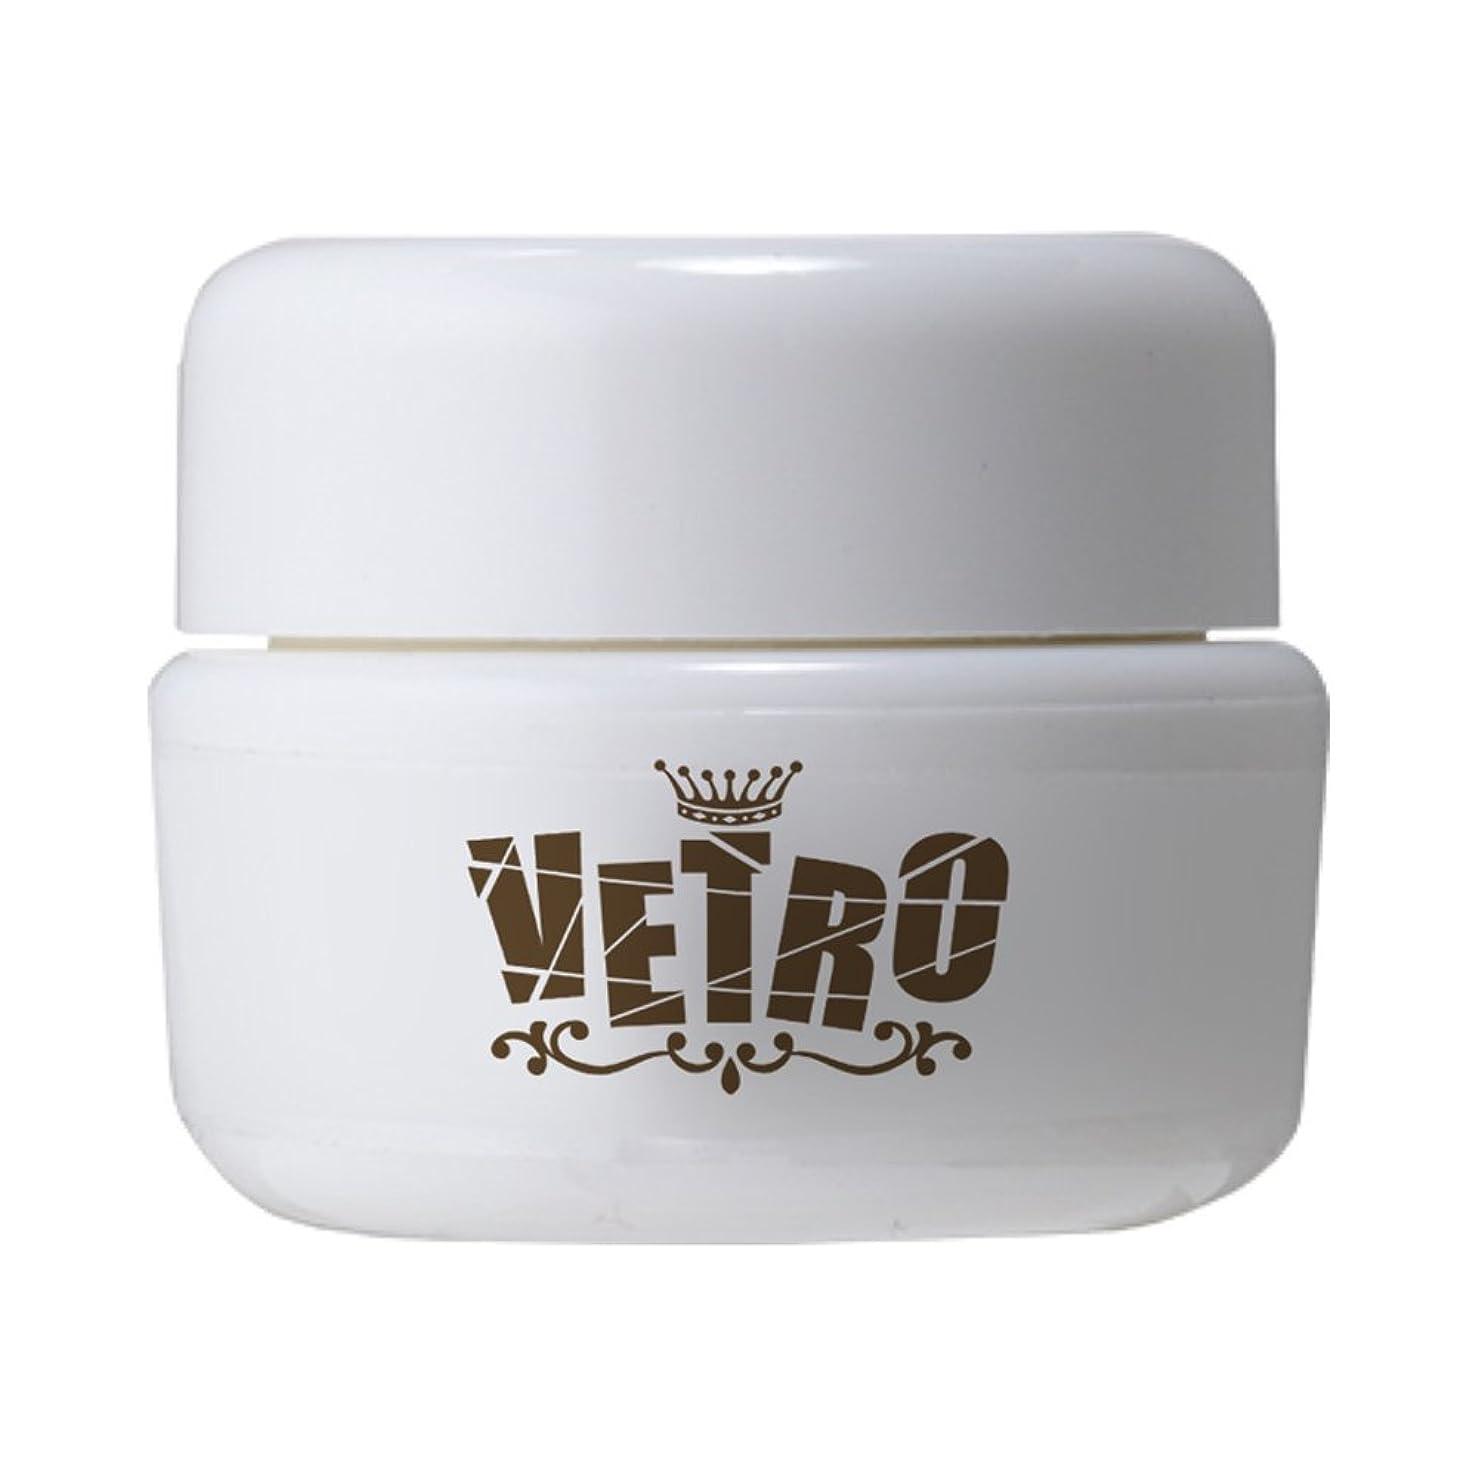 バイパス気楽な可塑性VETRO No.19 カラージェル シアー VL241 クリスタピンク 4ml